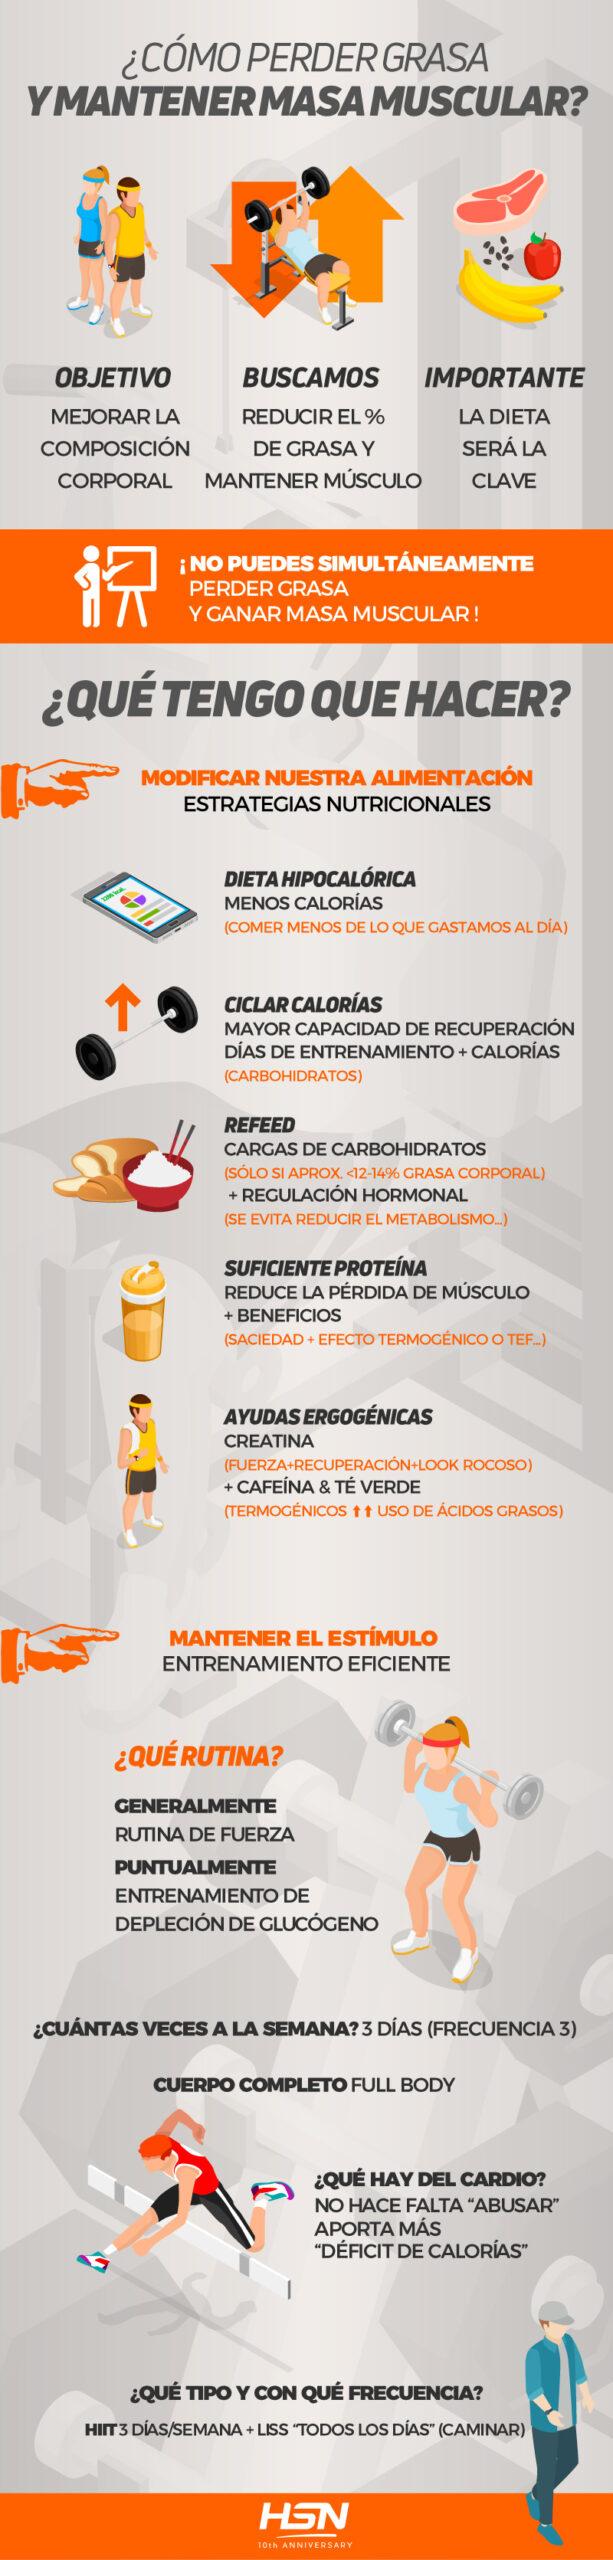 Cómo perder grasa y mantener músculo HSN